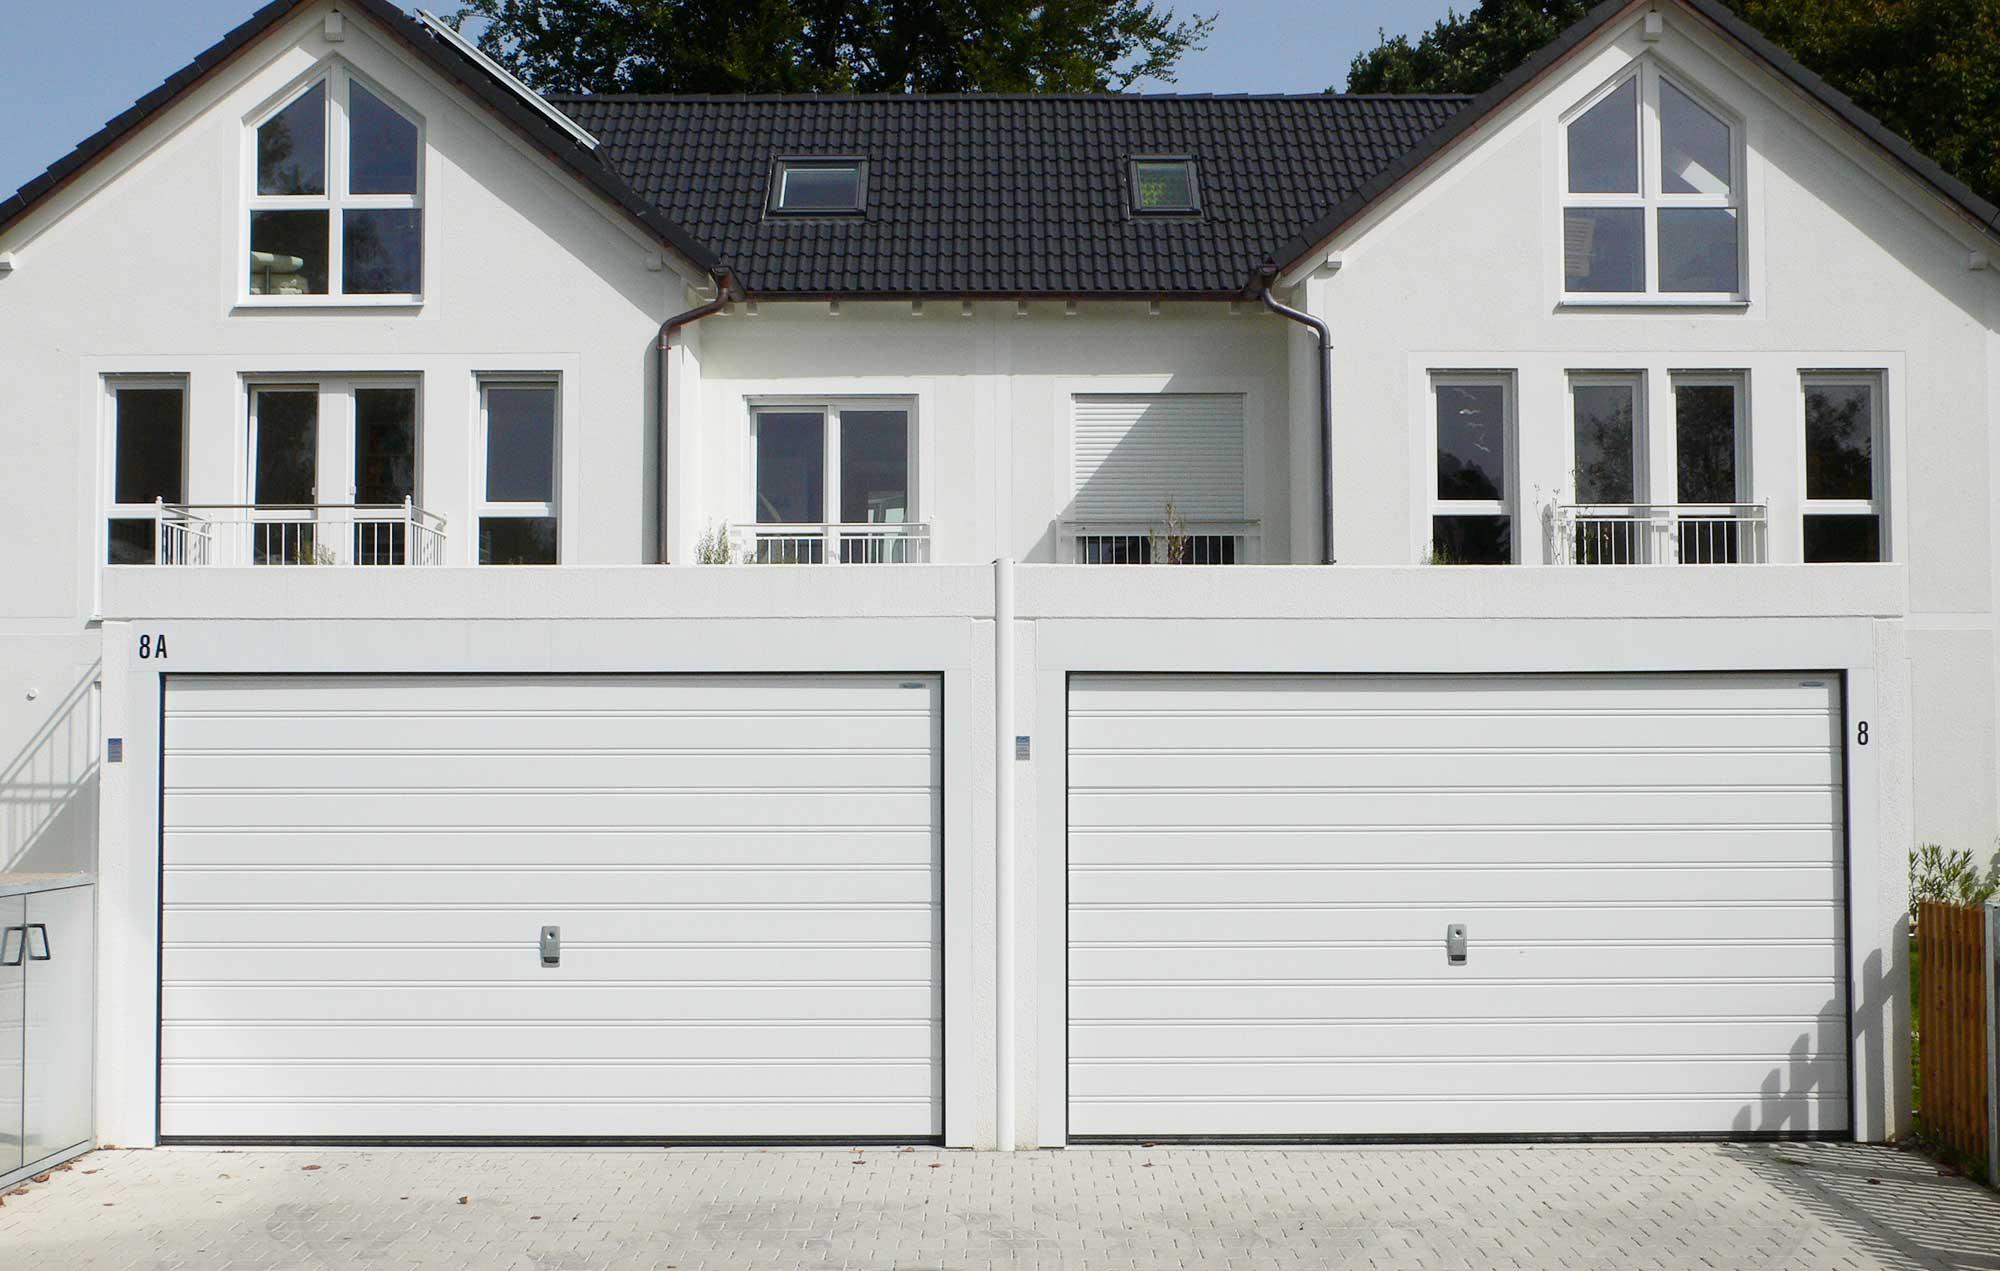 Doppelgarage mit weißen Toren